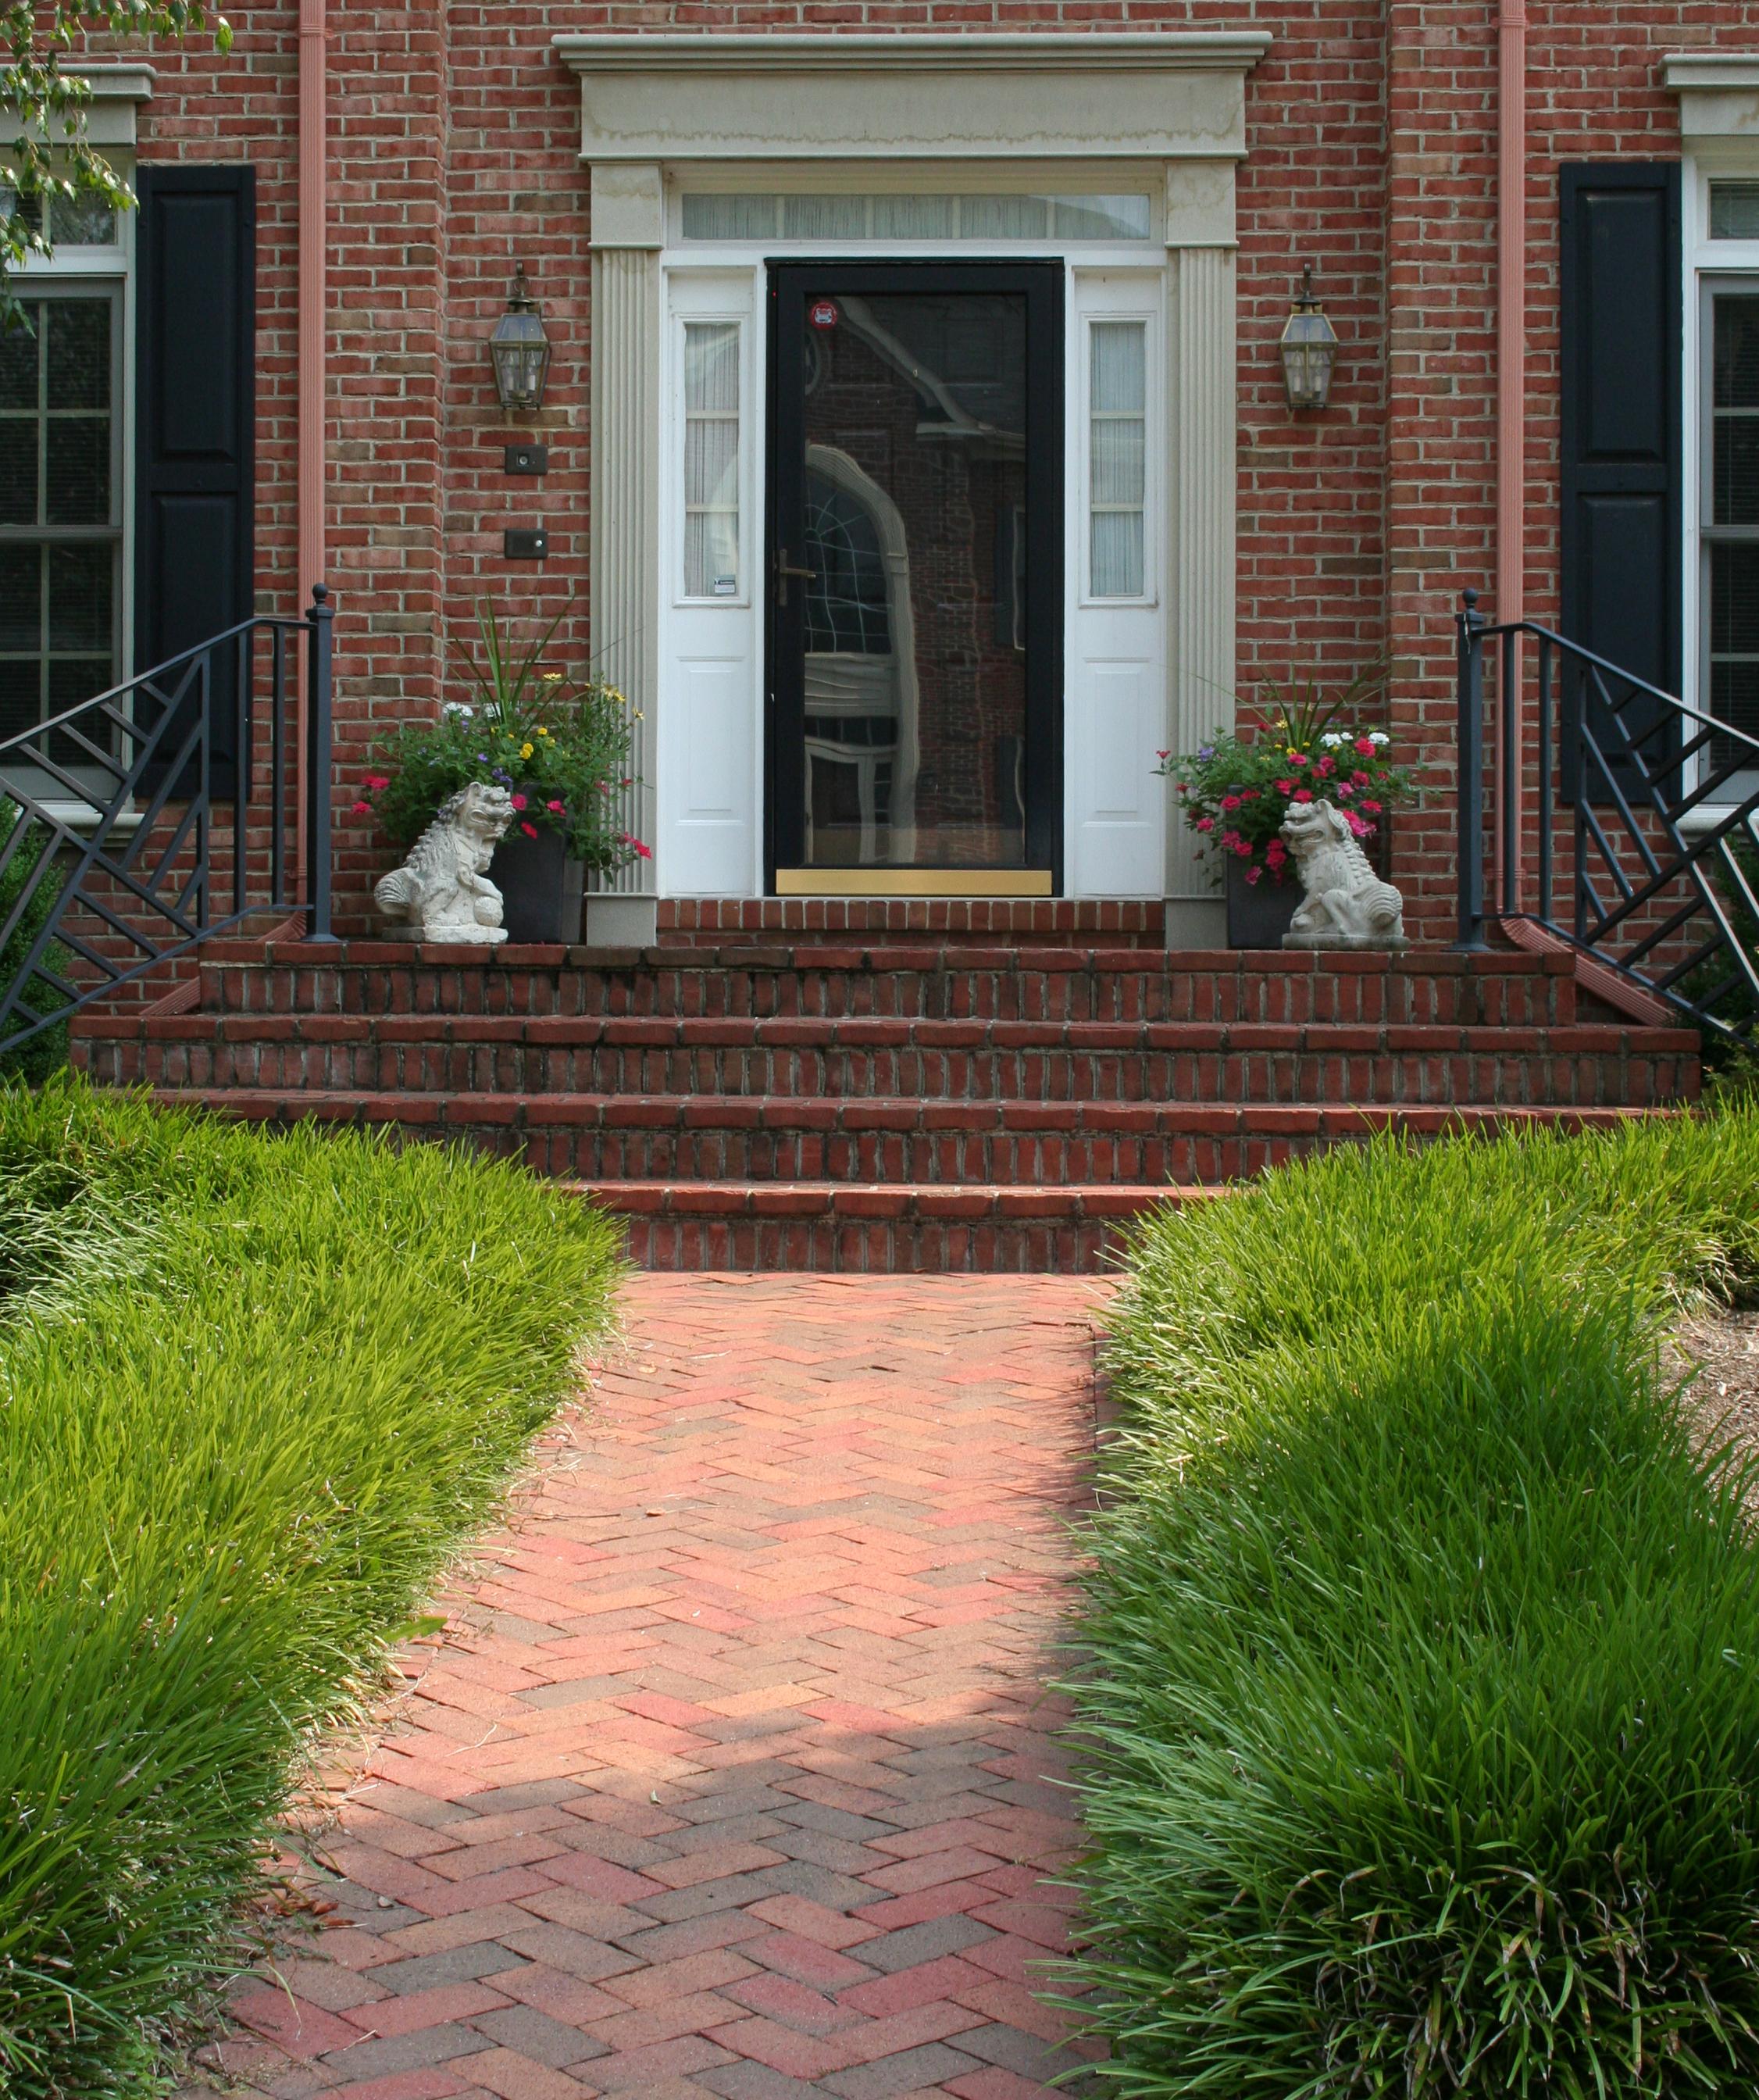 Brick front walkway